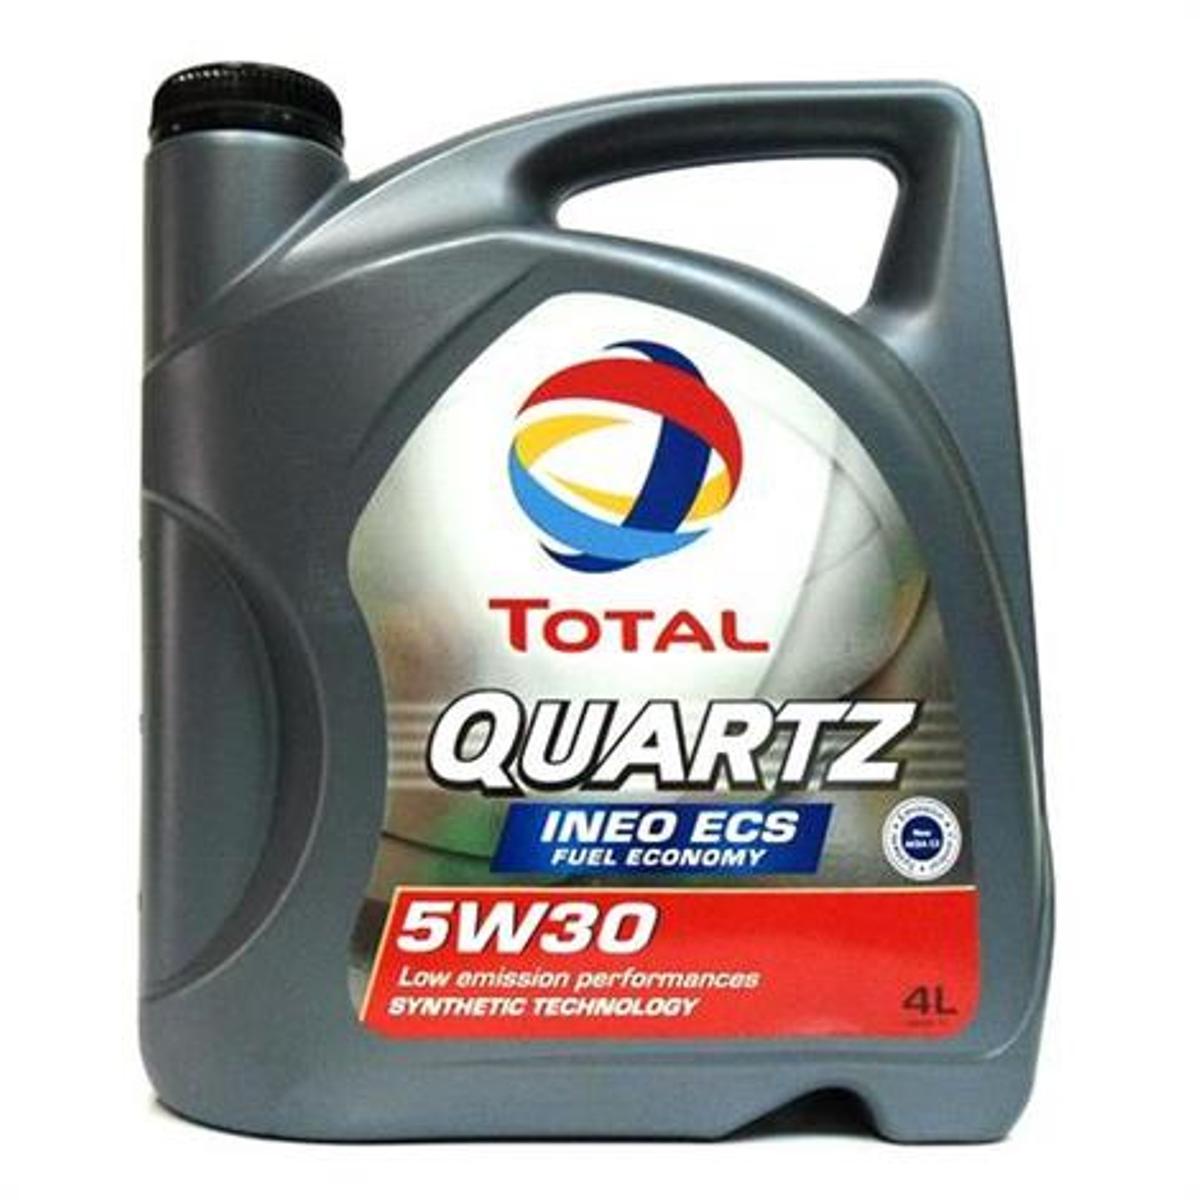 Моторное масло Total Quartz Ineo ECS 5w-30, 4 л151510Моторное масло нового поколения с пониженной сульфатной зольностью и низким содержанием фосфора и серы, специально разработанное для двигателей PEUGEOT и CITROEN. Это высокотехнологичное масло позволяет экономить топливо и оптимизирует функционирование систем контроля над выпуском загрязняющих веществ в атмосферу, например, дизельных сажевых фильтров. Одобрения QUARTZ INEO ECS - это единственный смазочный материал с пониженной сульфатной зольностью и низким содержанием фосфора и серы, рекомендуемый изготовителями Peugeot и Citroen: одобрение PSA PEUGEOT & CITROEN B71 2290. Соответствует техническим требованиям TOYOTA.